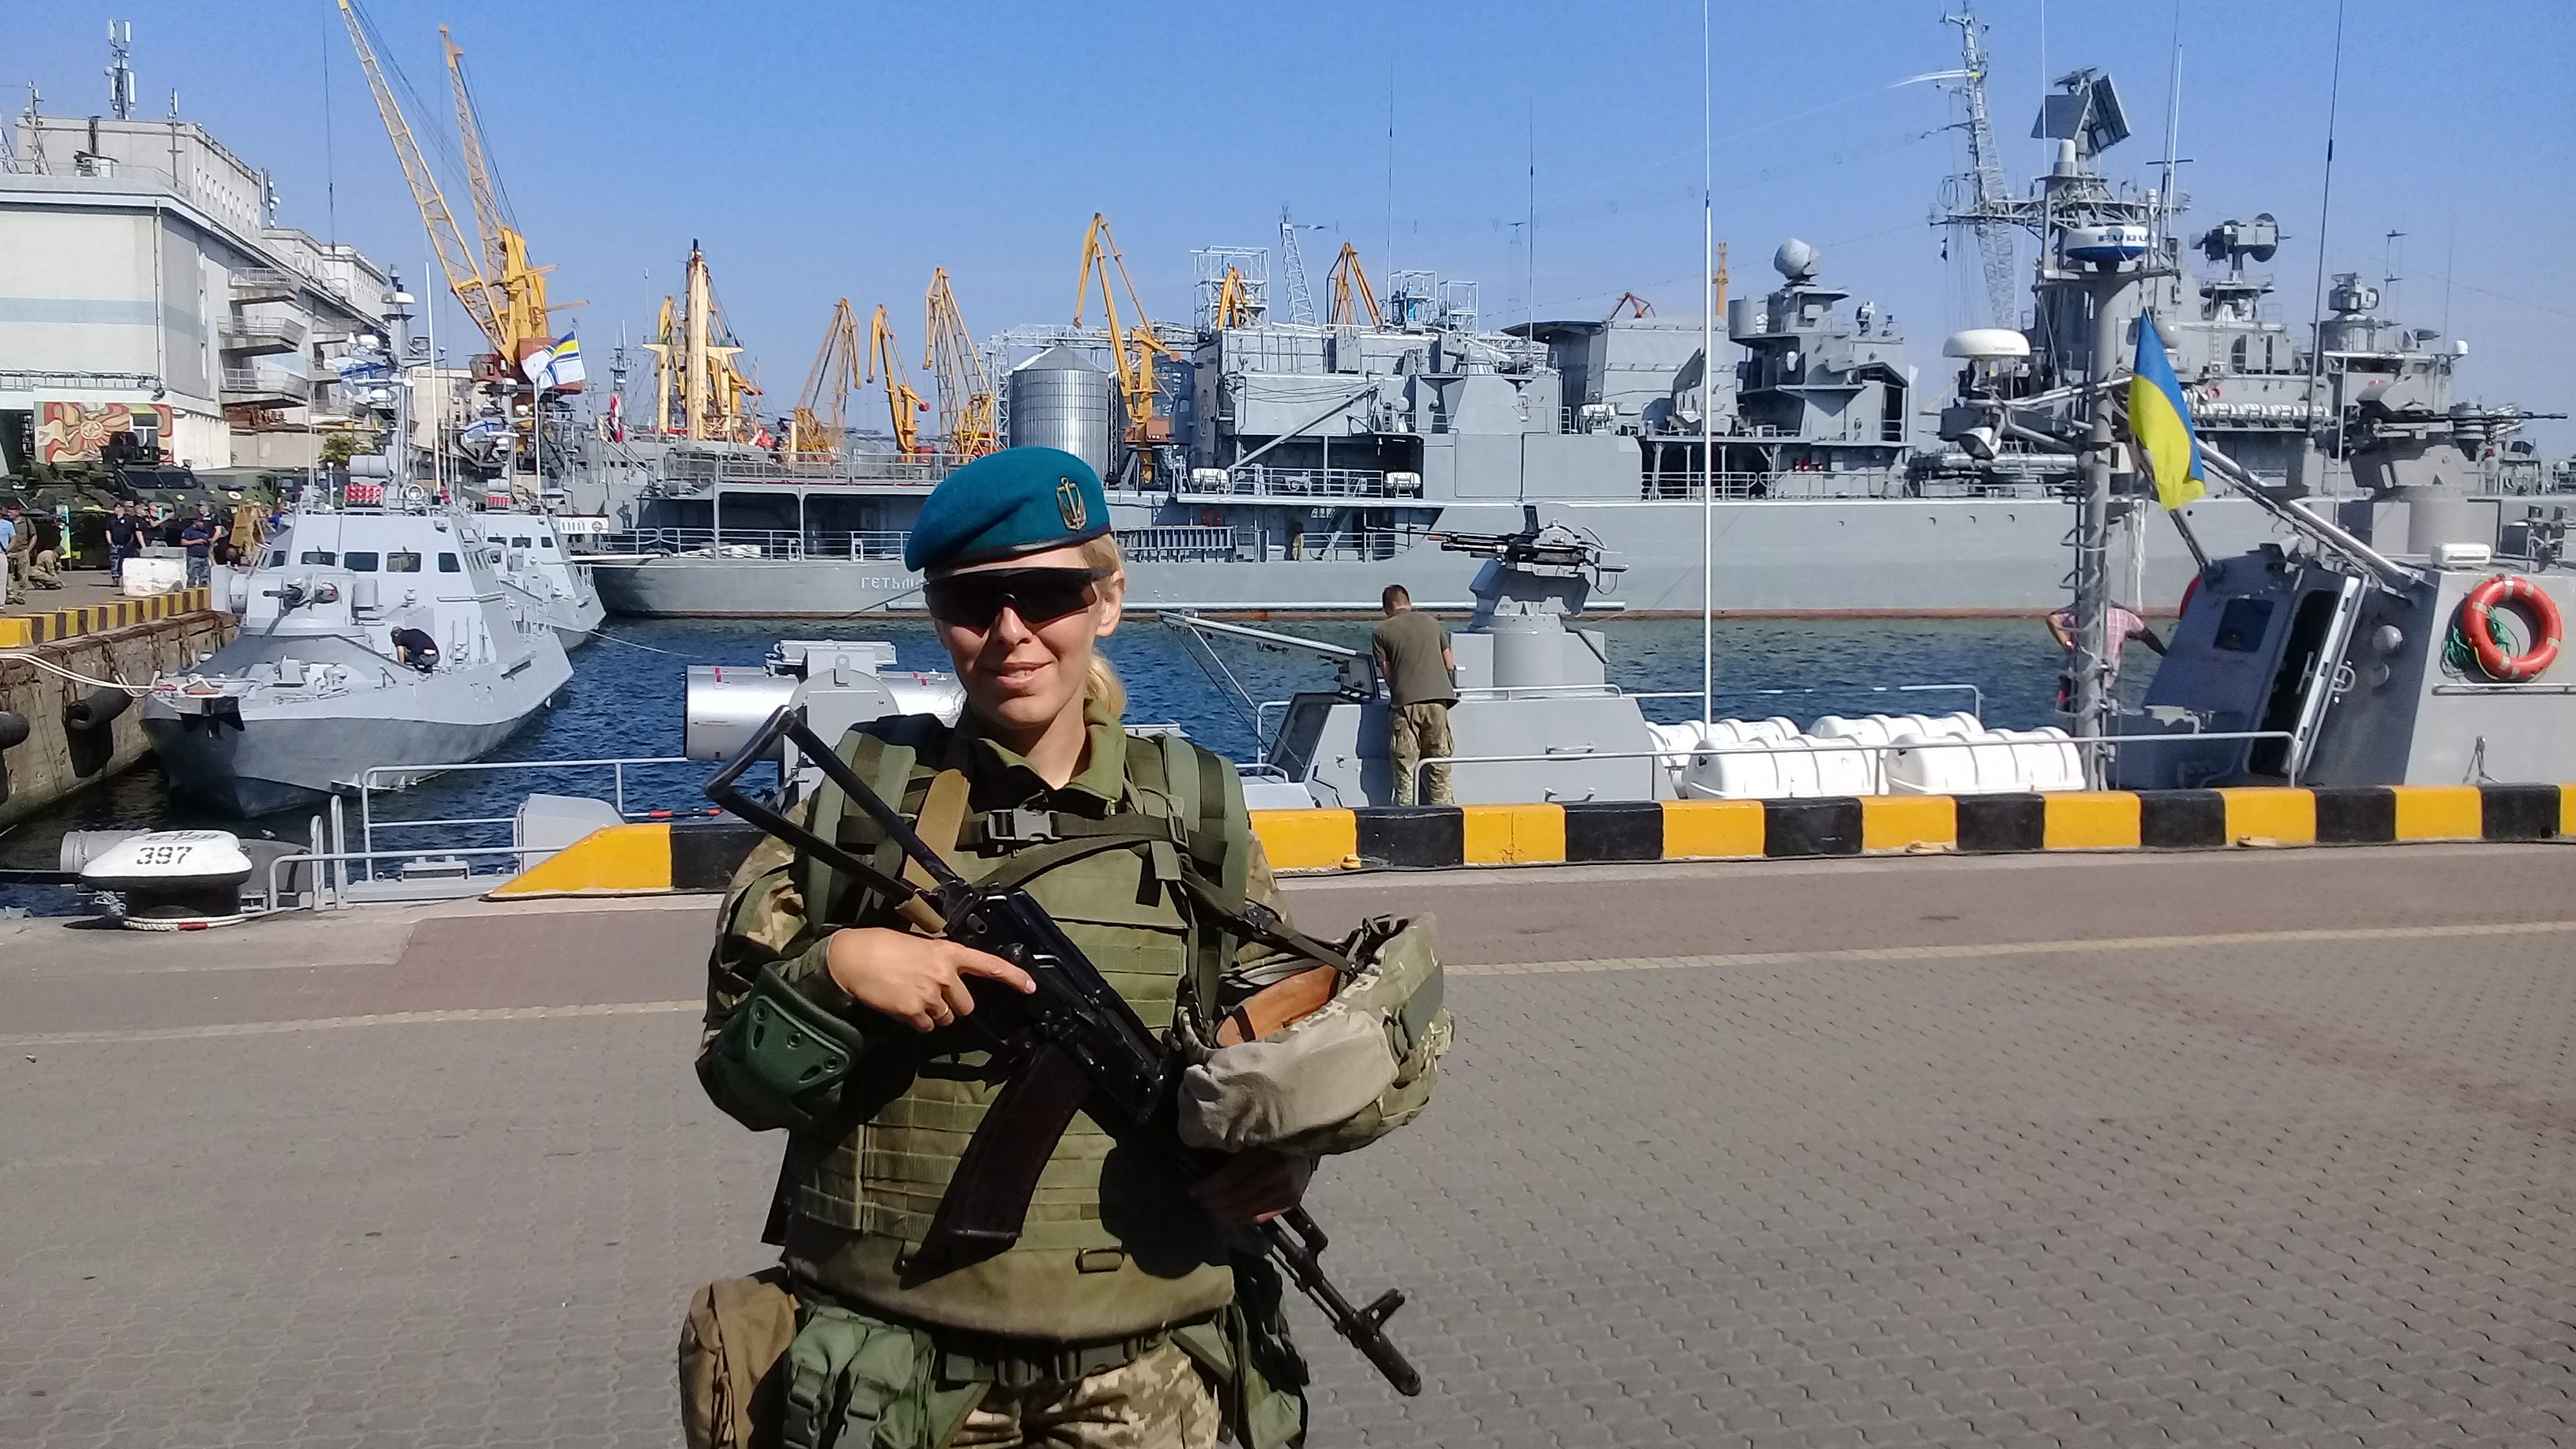 """Одеса, День ВМС (8 липня 2019), """"Гетьман Сагайдачний""""."""